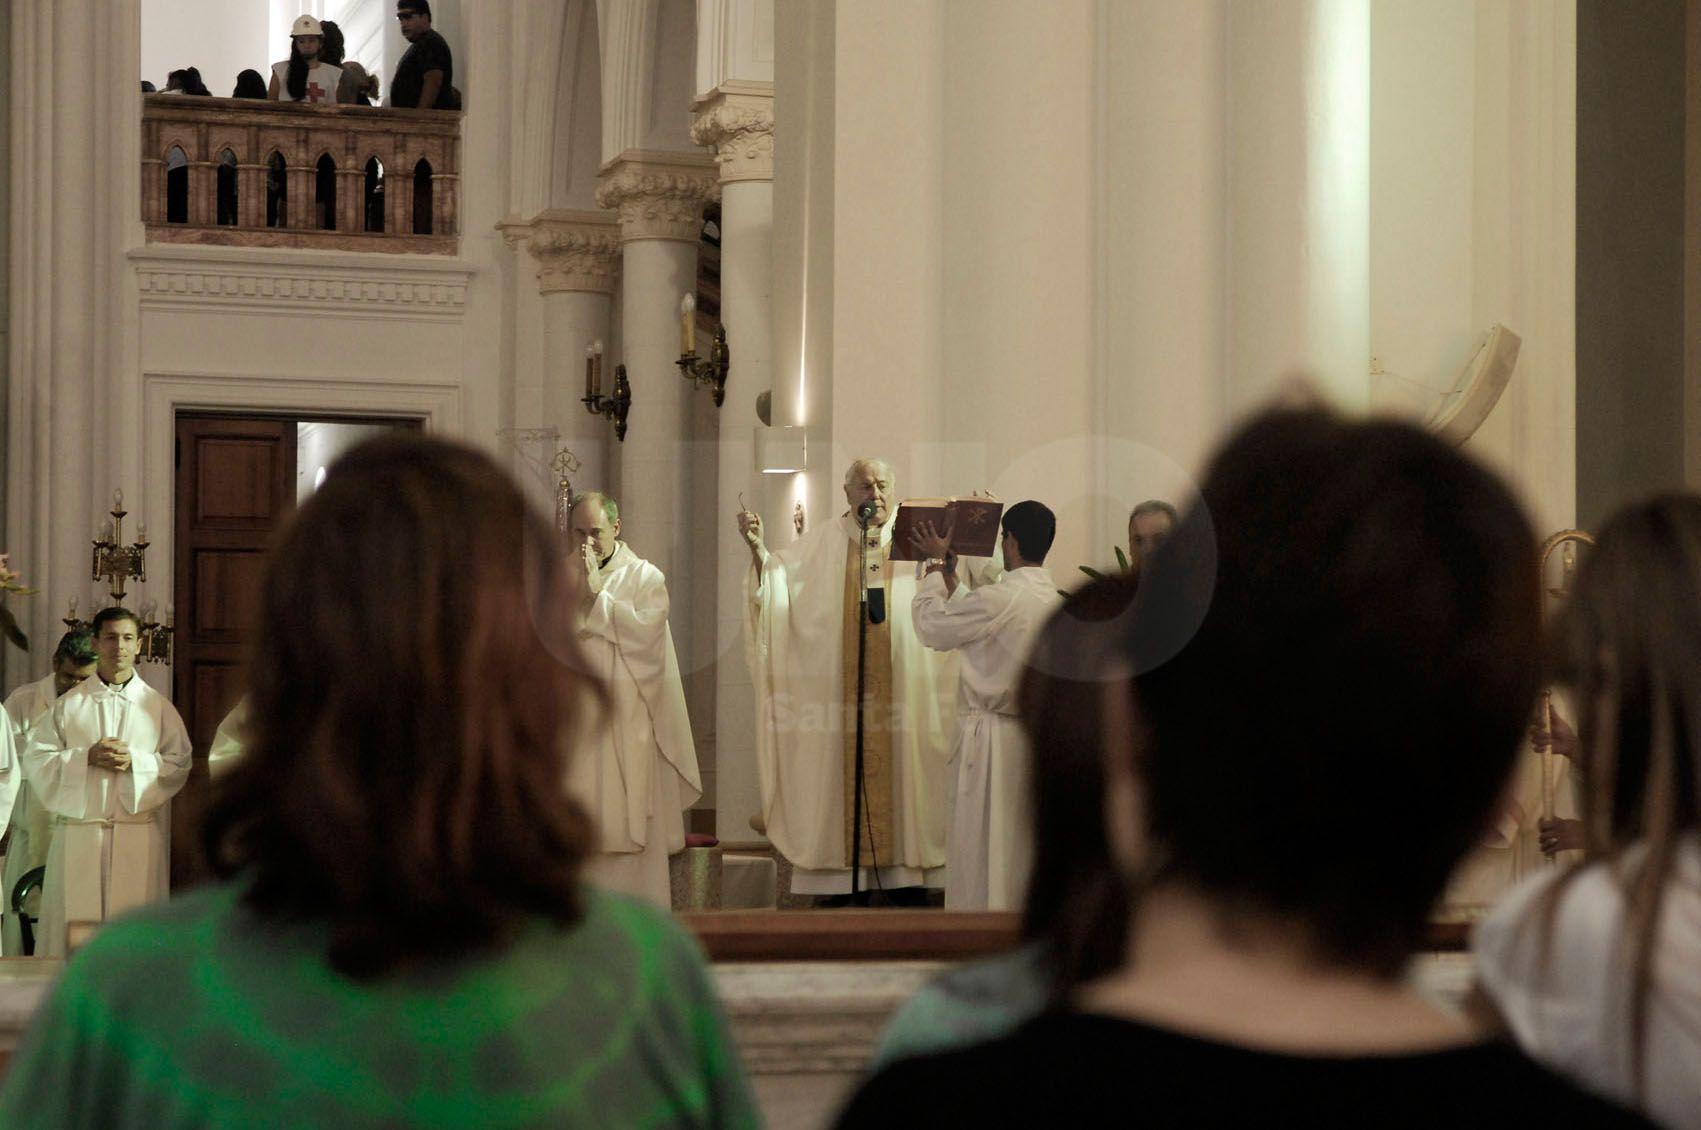 Fidelidad. Año a año miles de creyentes le demuestran su devoción y cariño a la Virgen. /Juan M. Baialardo.